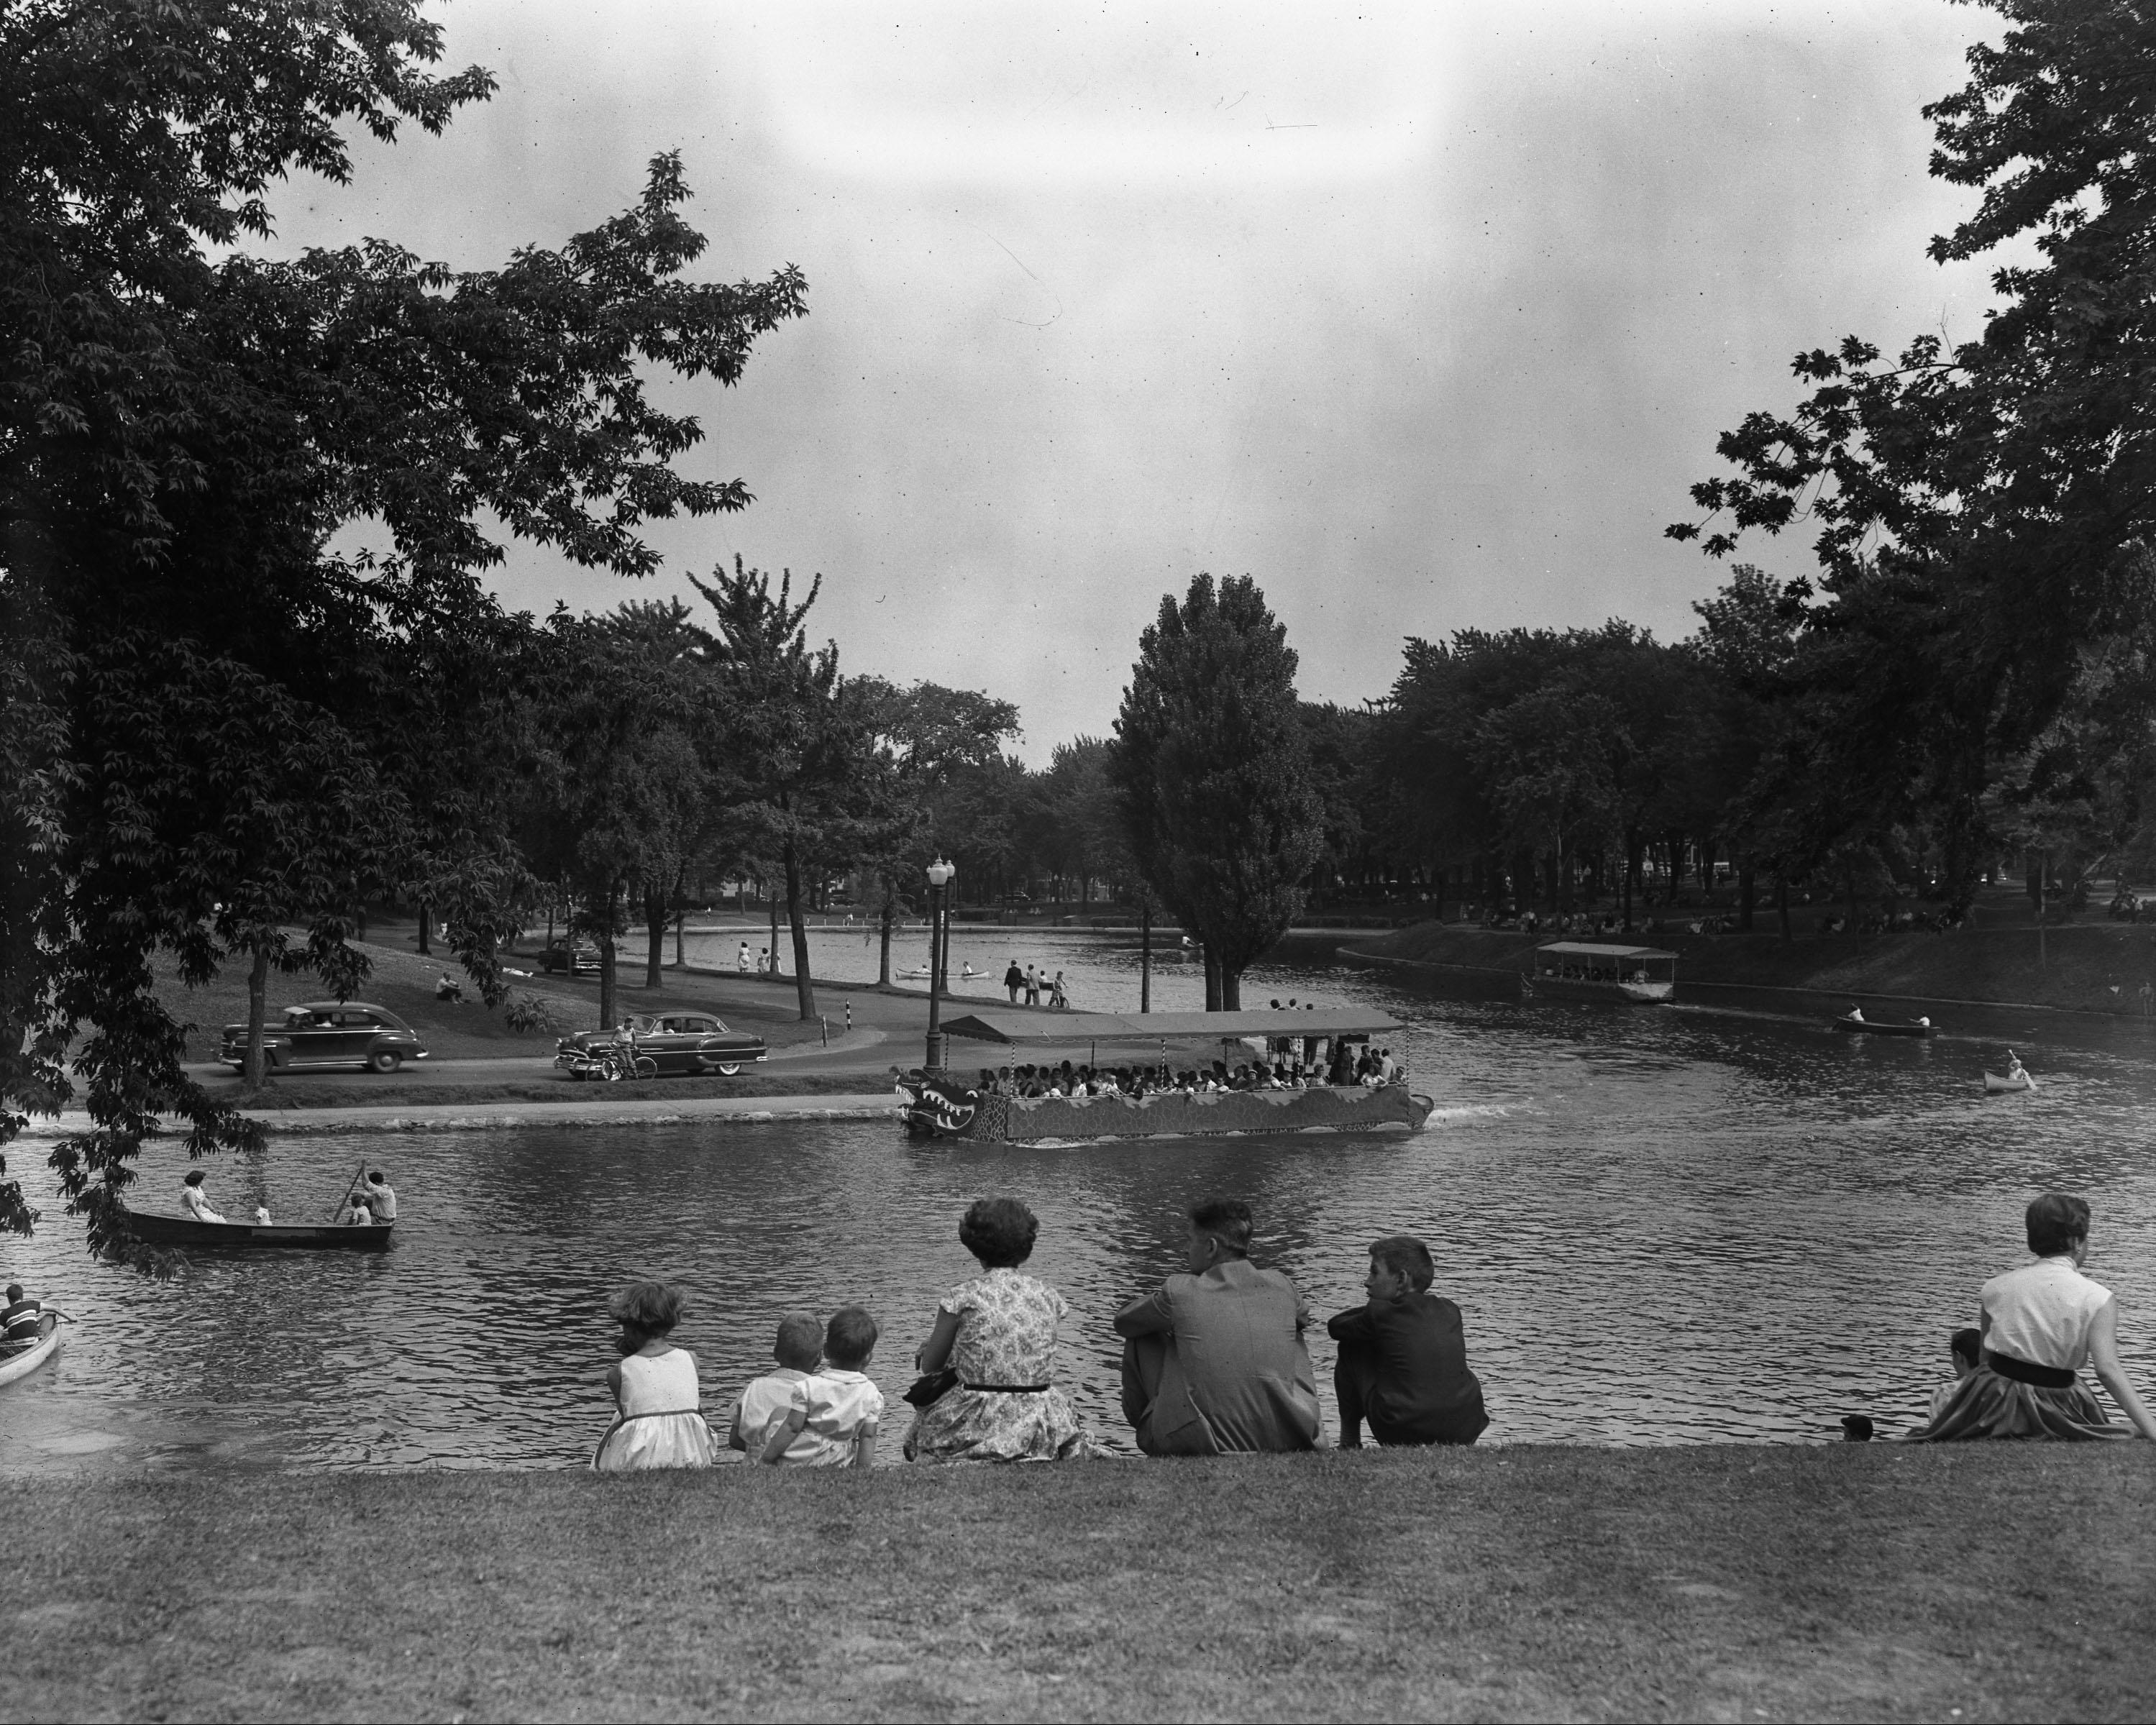 Photographie de promeneurs dans le parc La Fontaine.. L'étang est situé au centre.